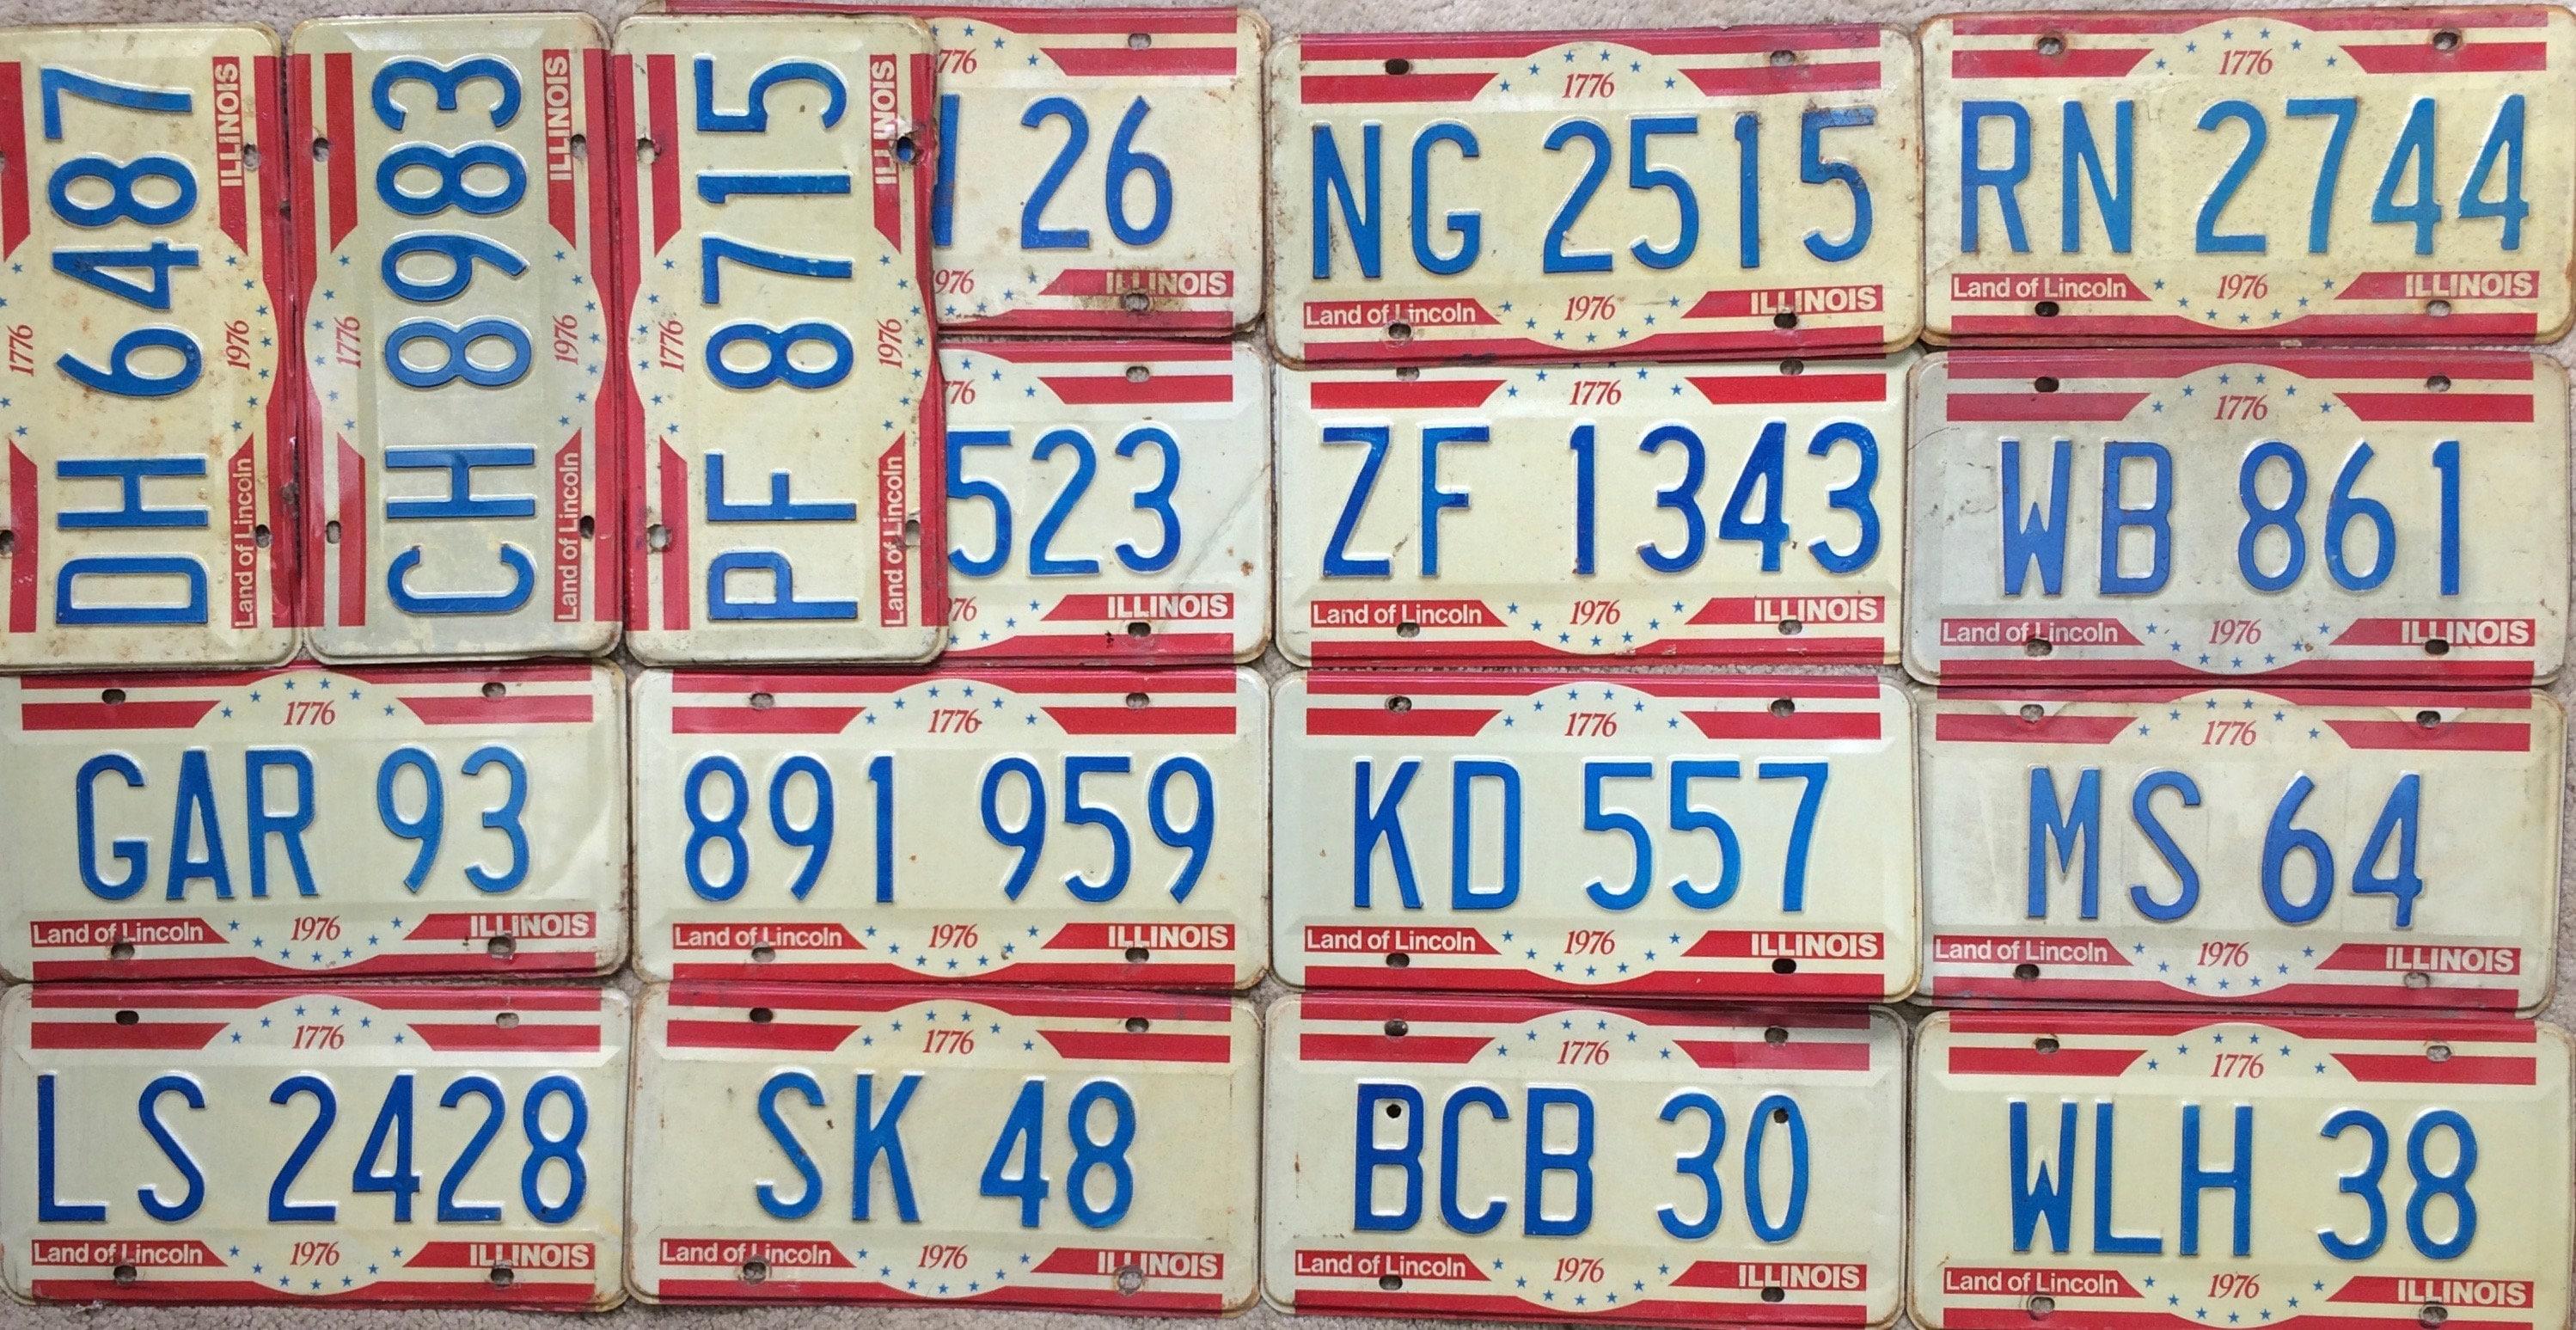 Old License Plates American Flag Craft Kit Vintage Illinois 1976 Car ...